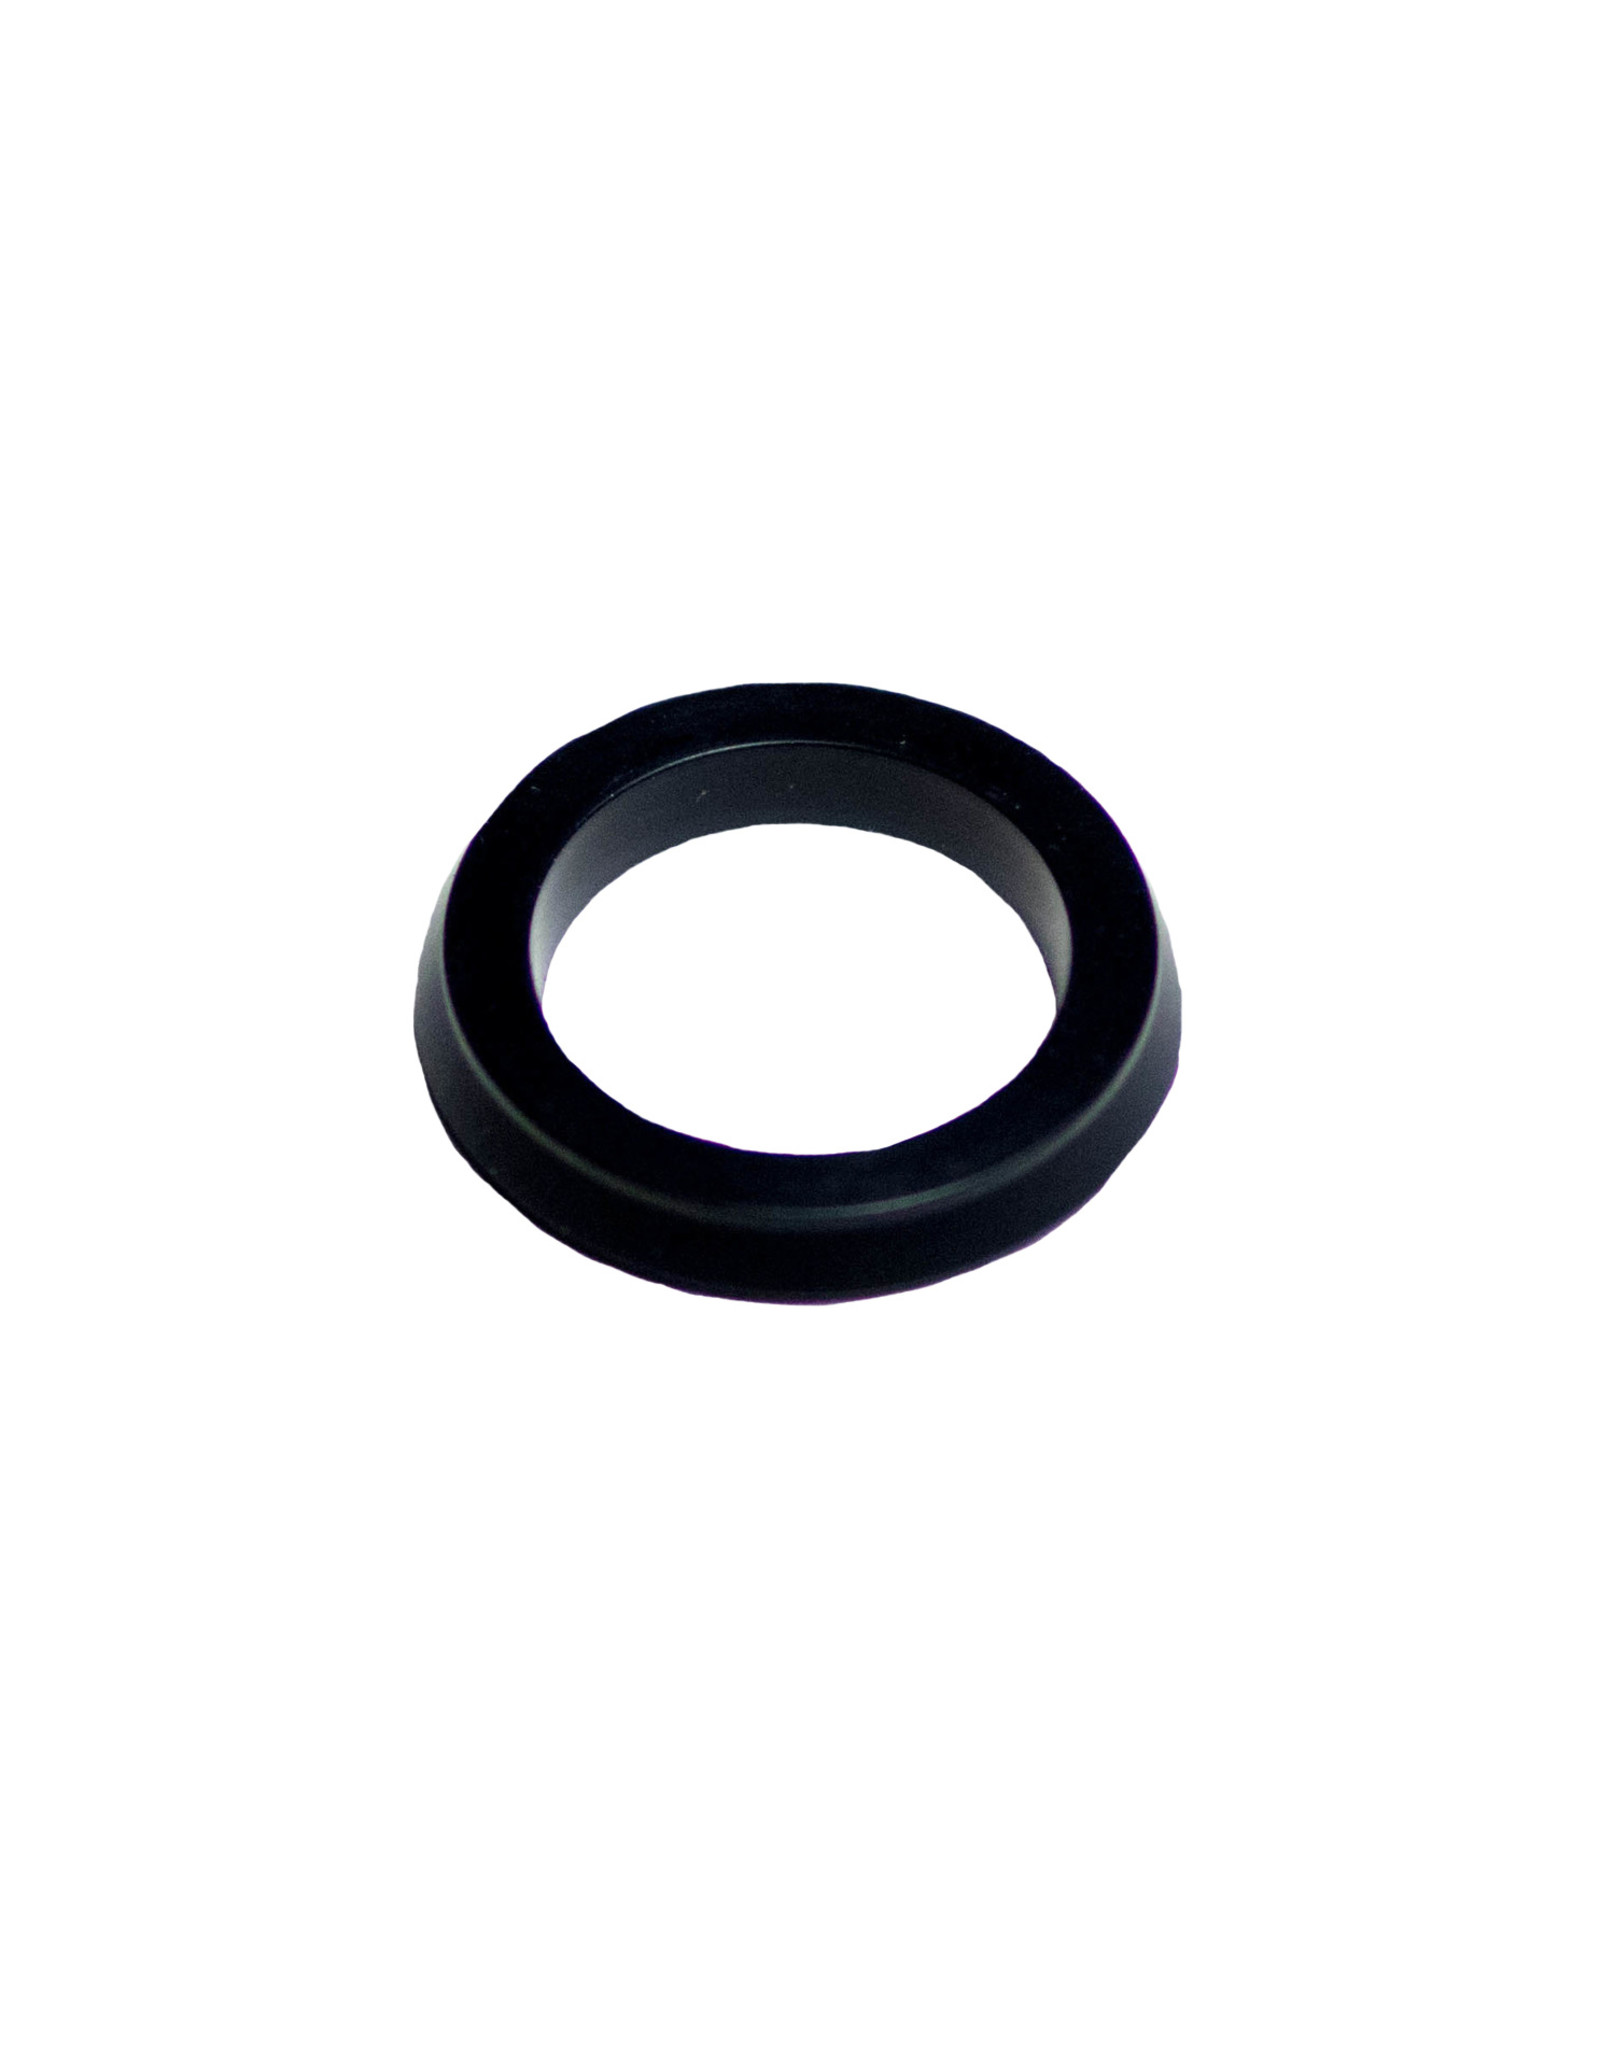 Aprilia Genuine Aprilia Clutch Slave Cylinder Seal  AP8106935